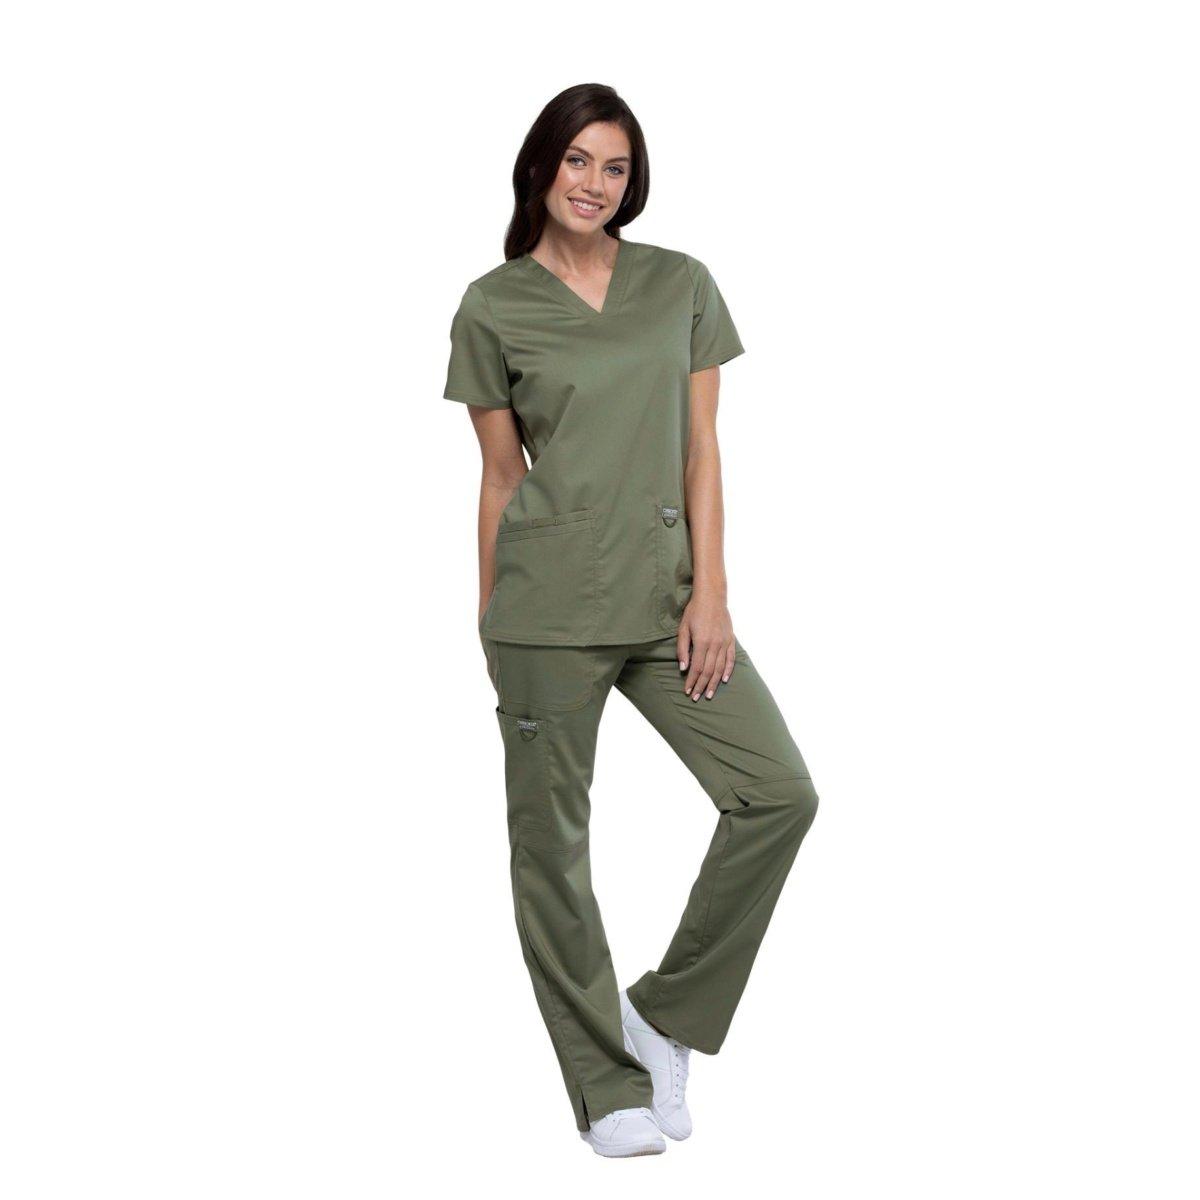 Женский медицинский костюм Revolution цвет- оливковый